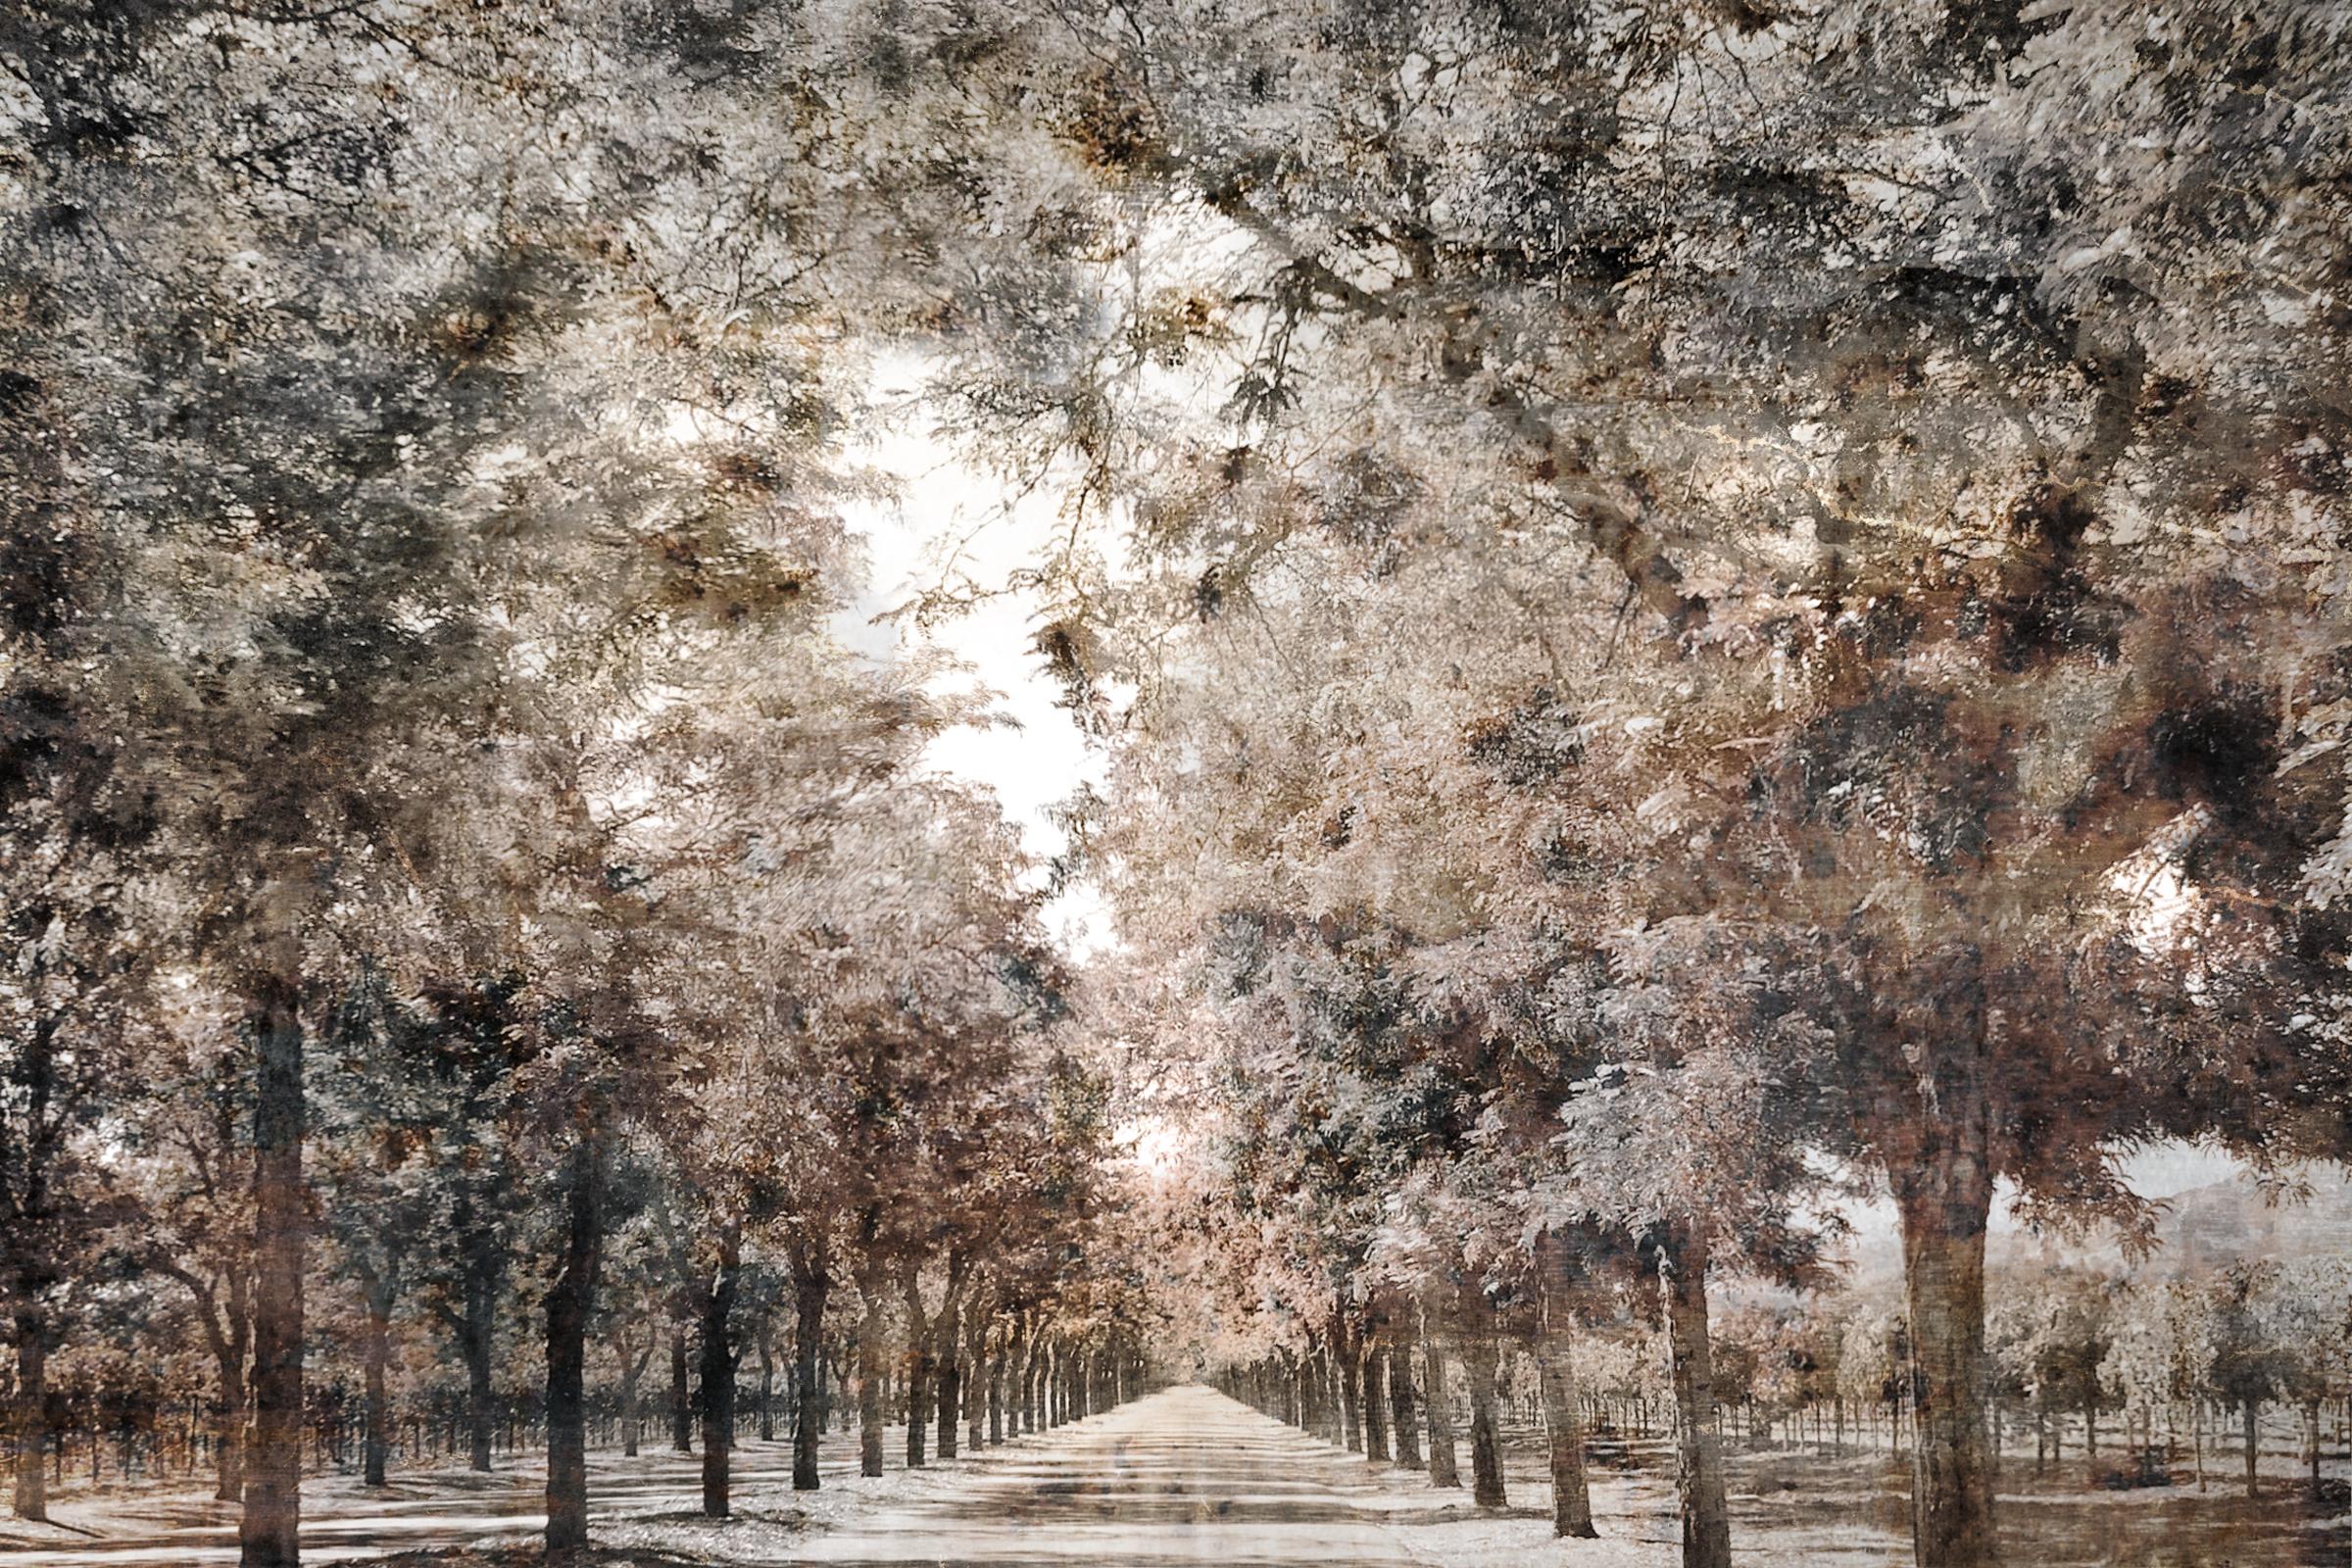 Shaded path | Napa California 270